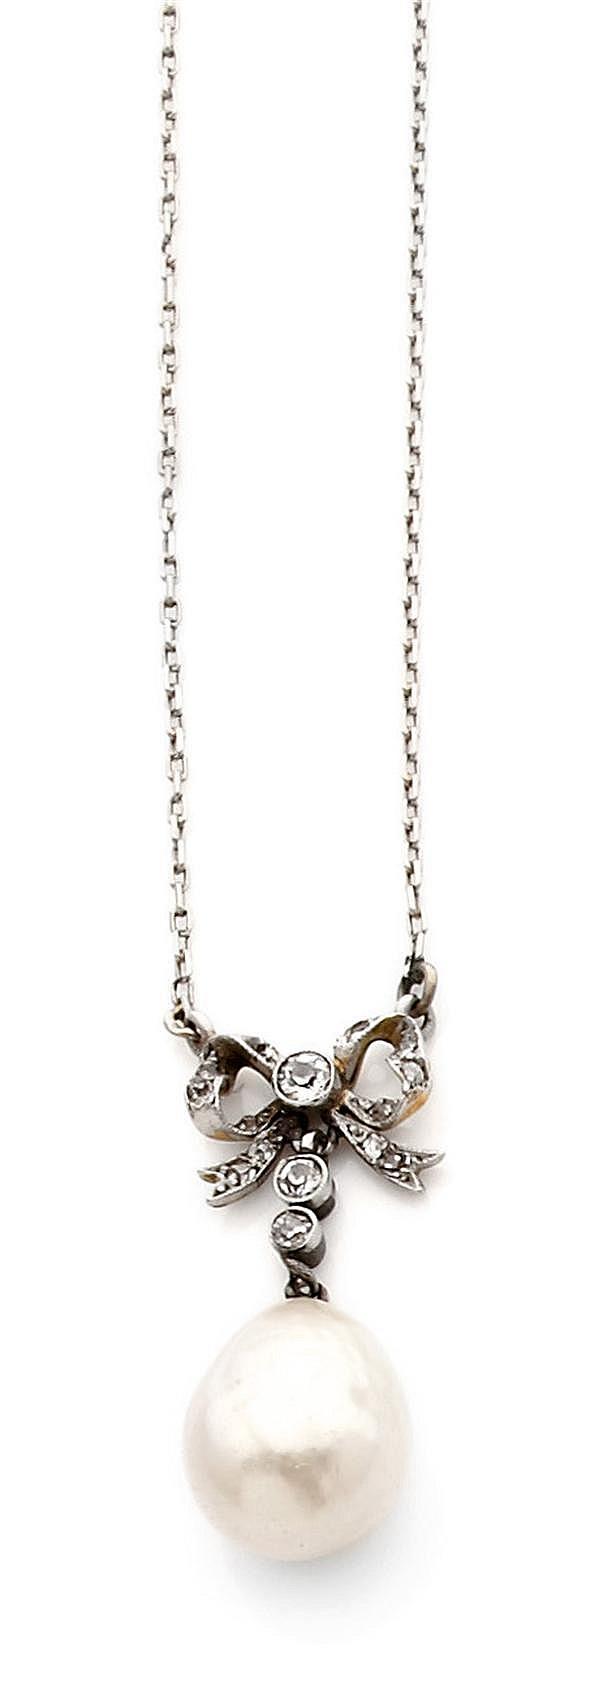 Pendentif perle fine en or et argent. Il porte une perle fine (non testée) de forme poire retenue par un motif en nœud de ruban sert...